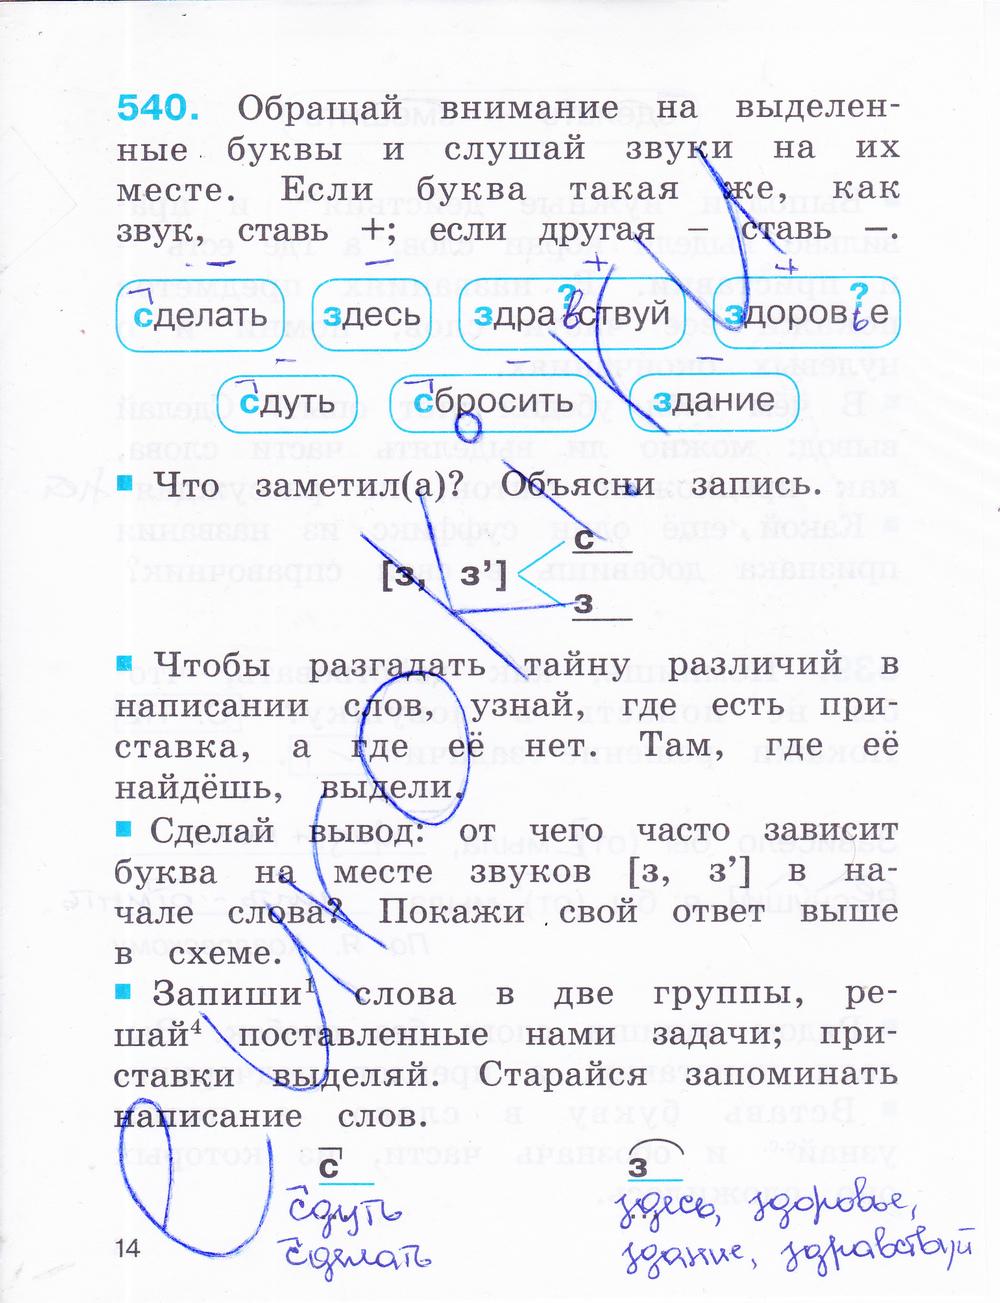 кузьменко 1 2 класс часть язык гдз русский